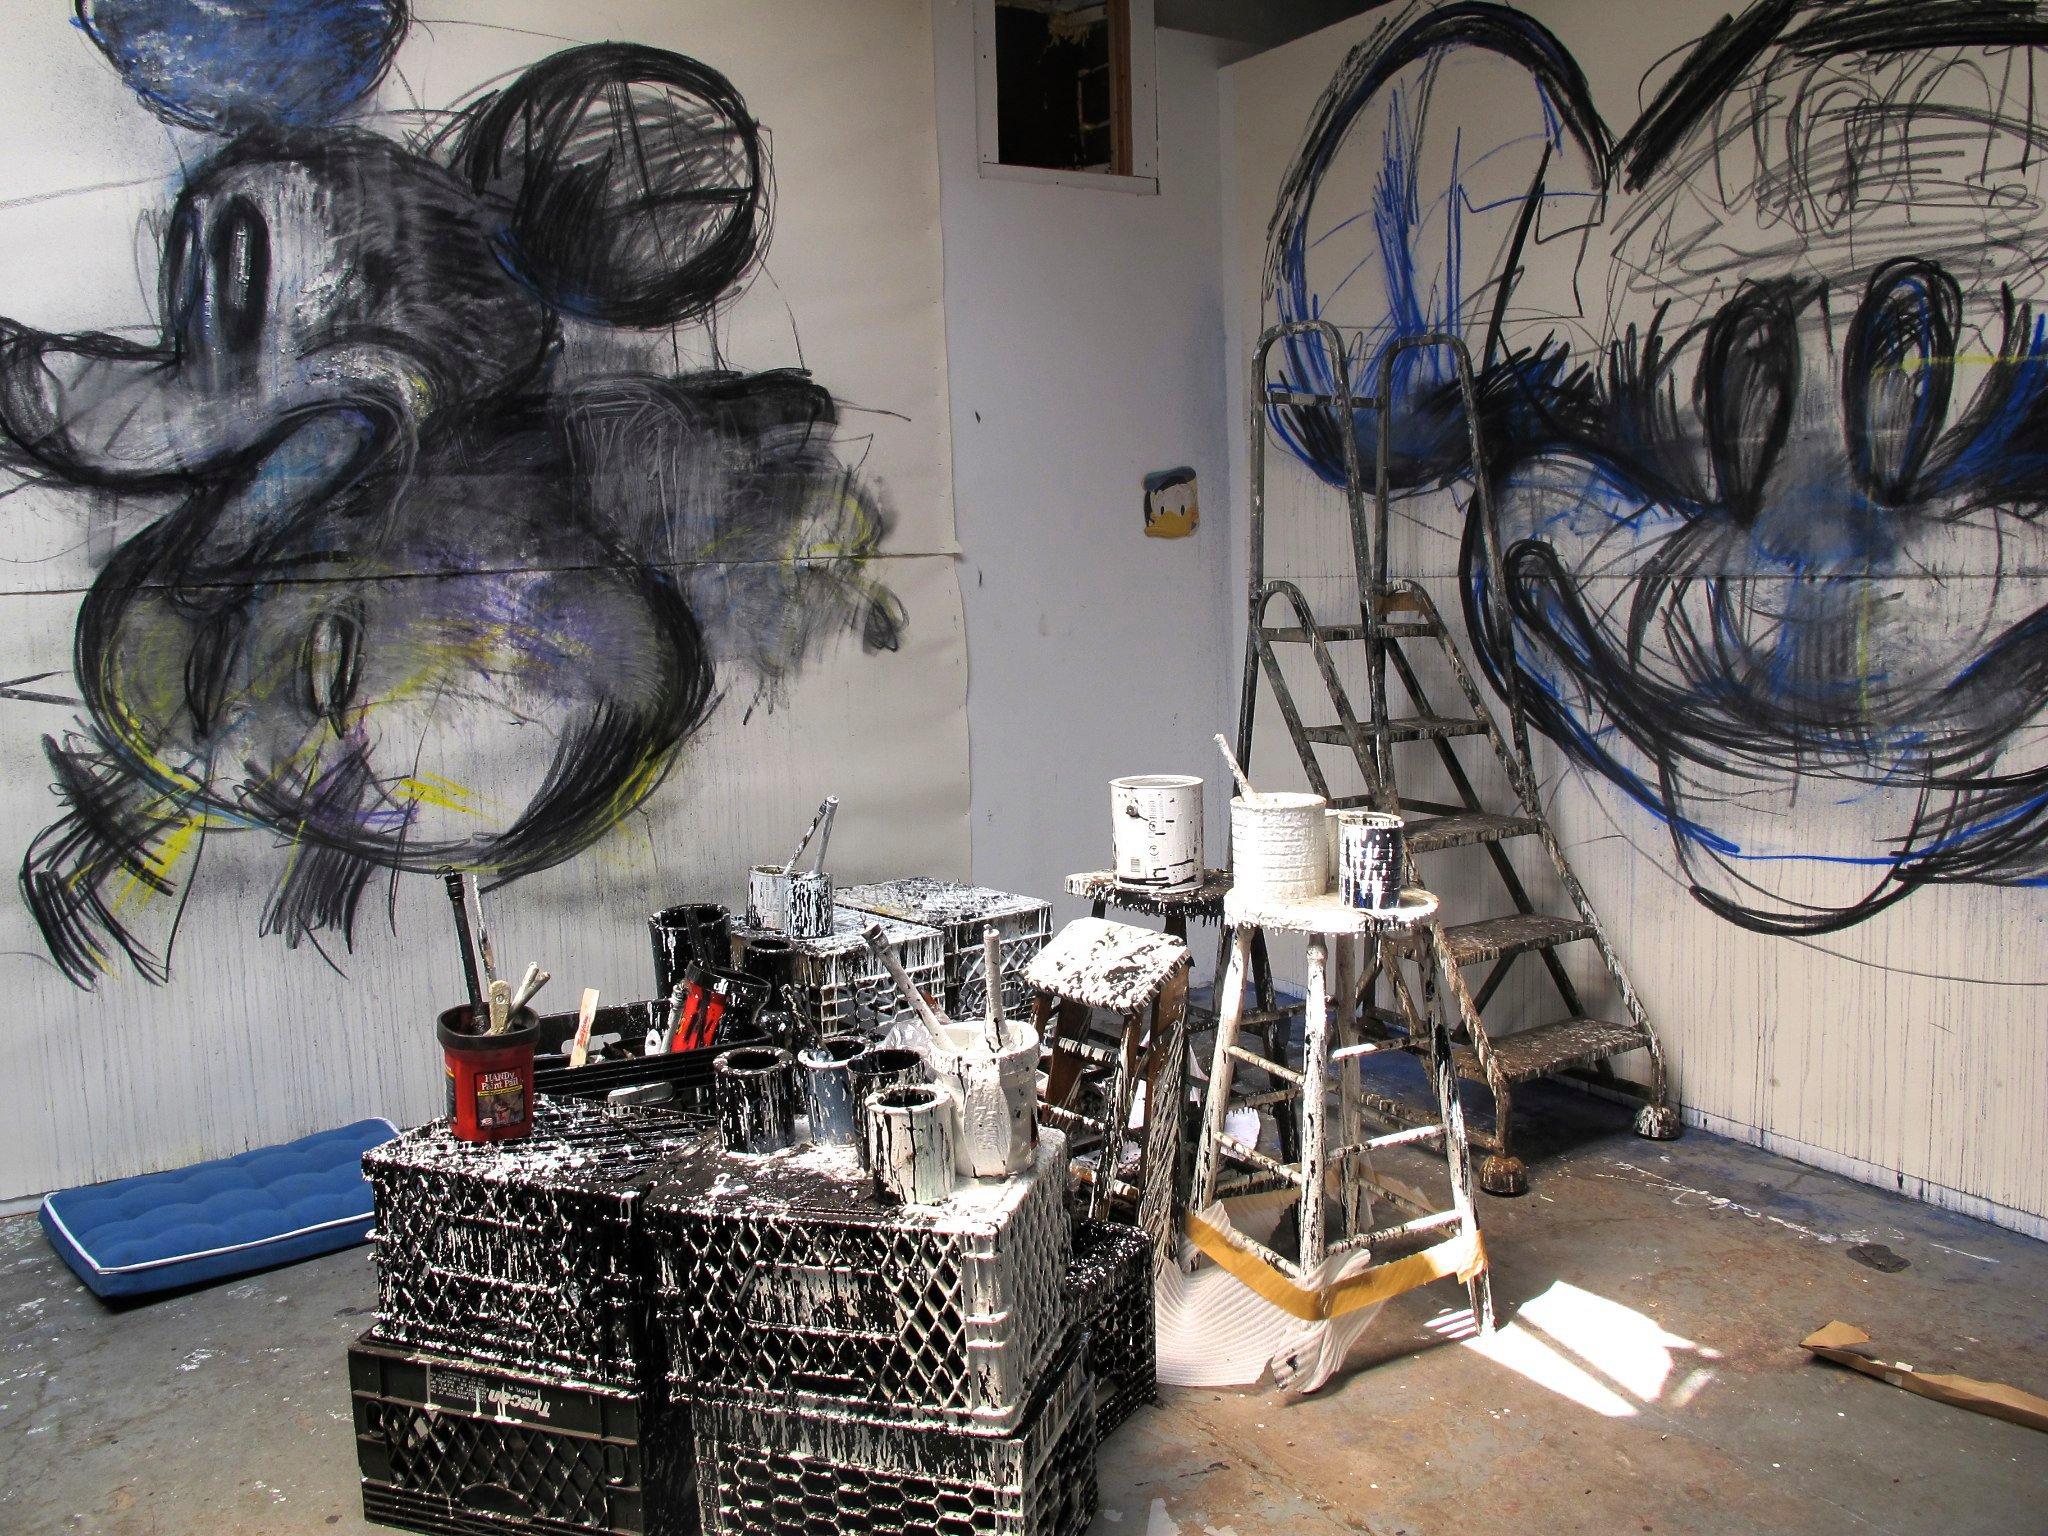 Estudio de Joyce Pensato en Brooklyn